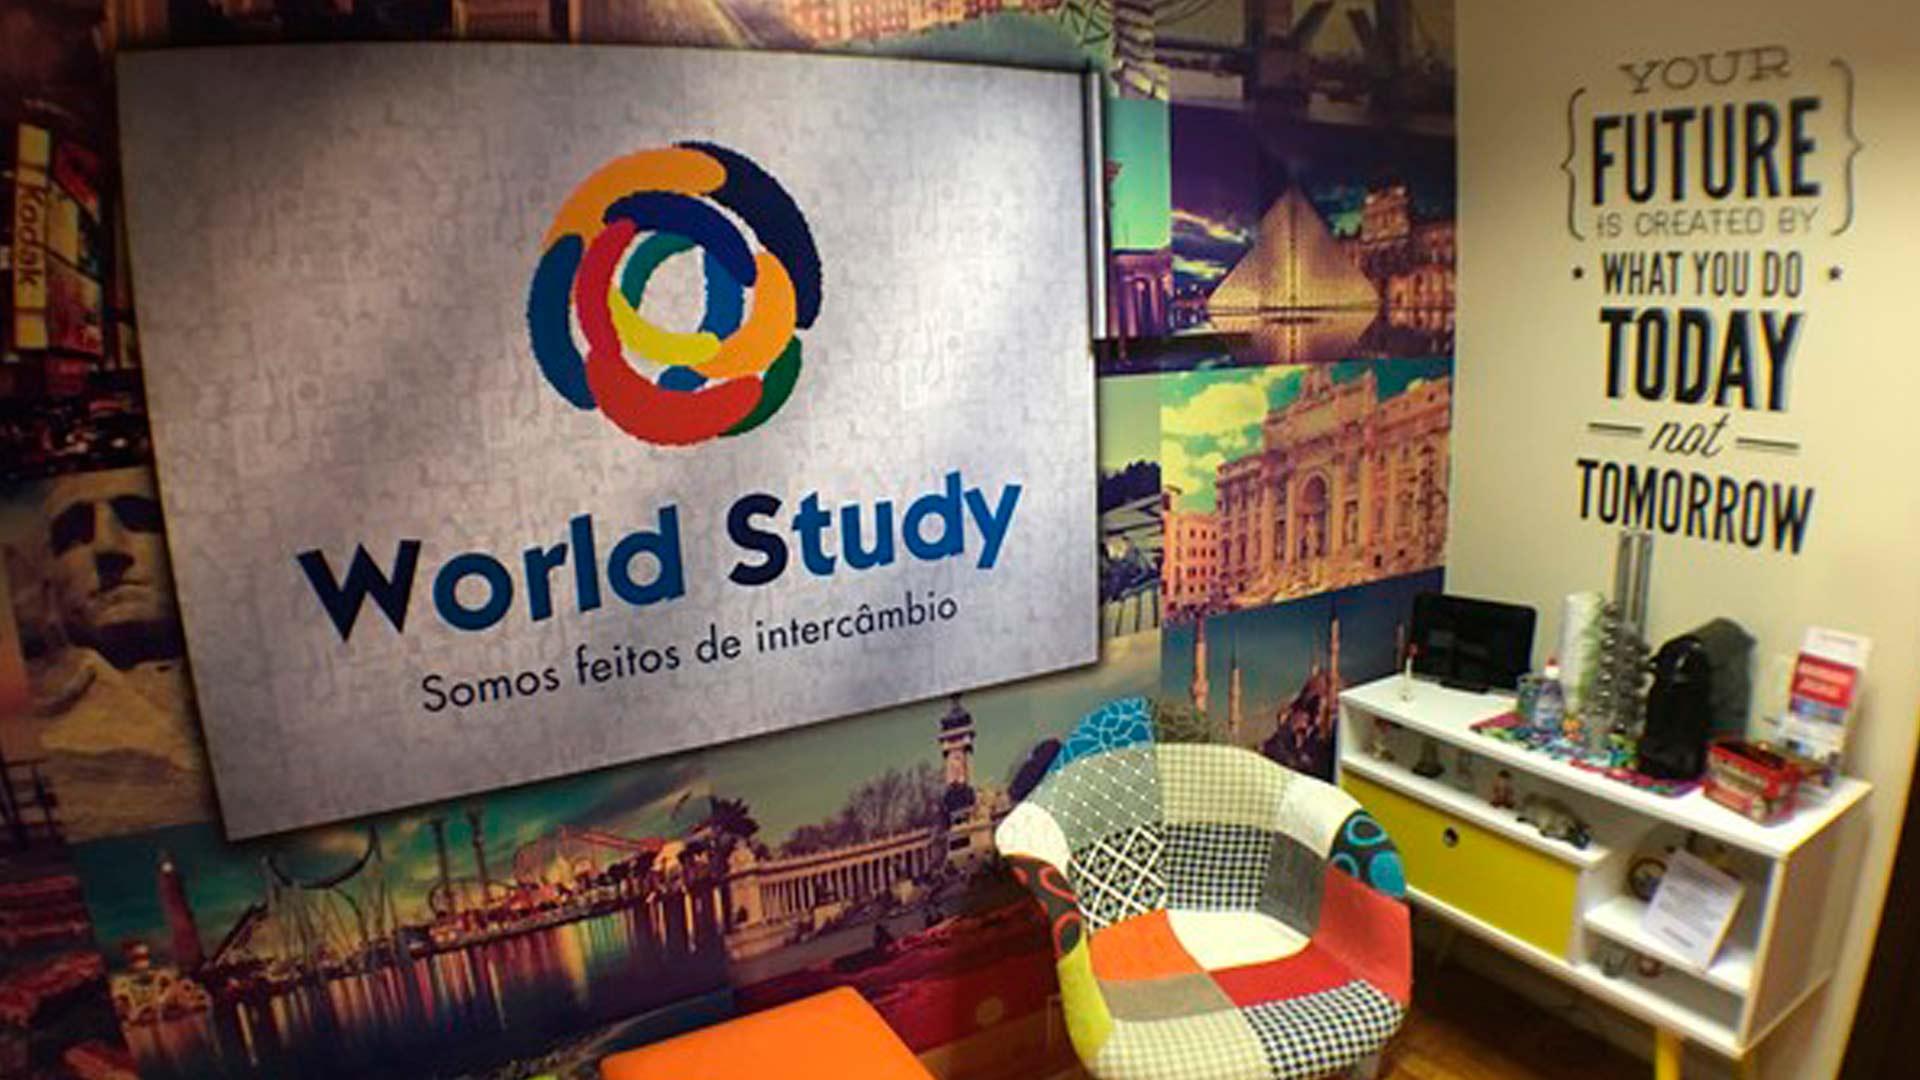 World Study é uma das melhores agências de intercâmbio do Brasil